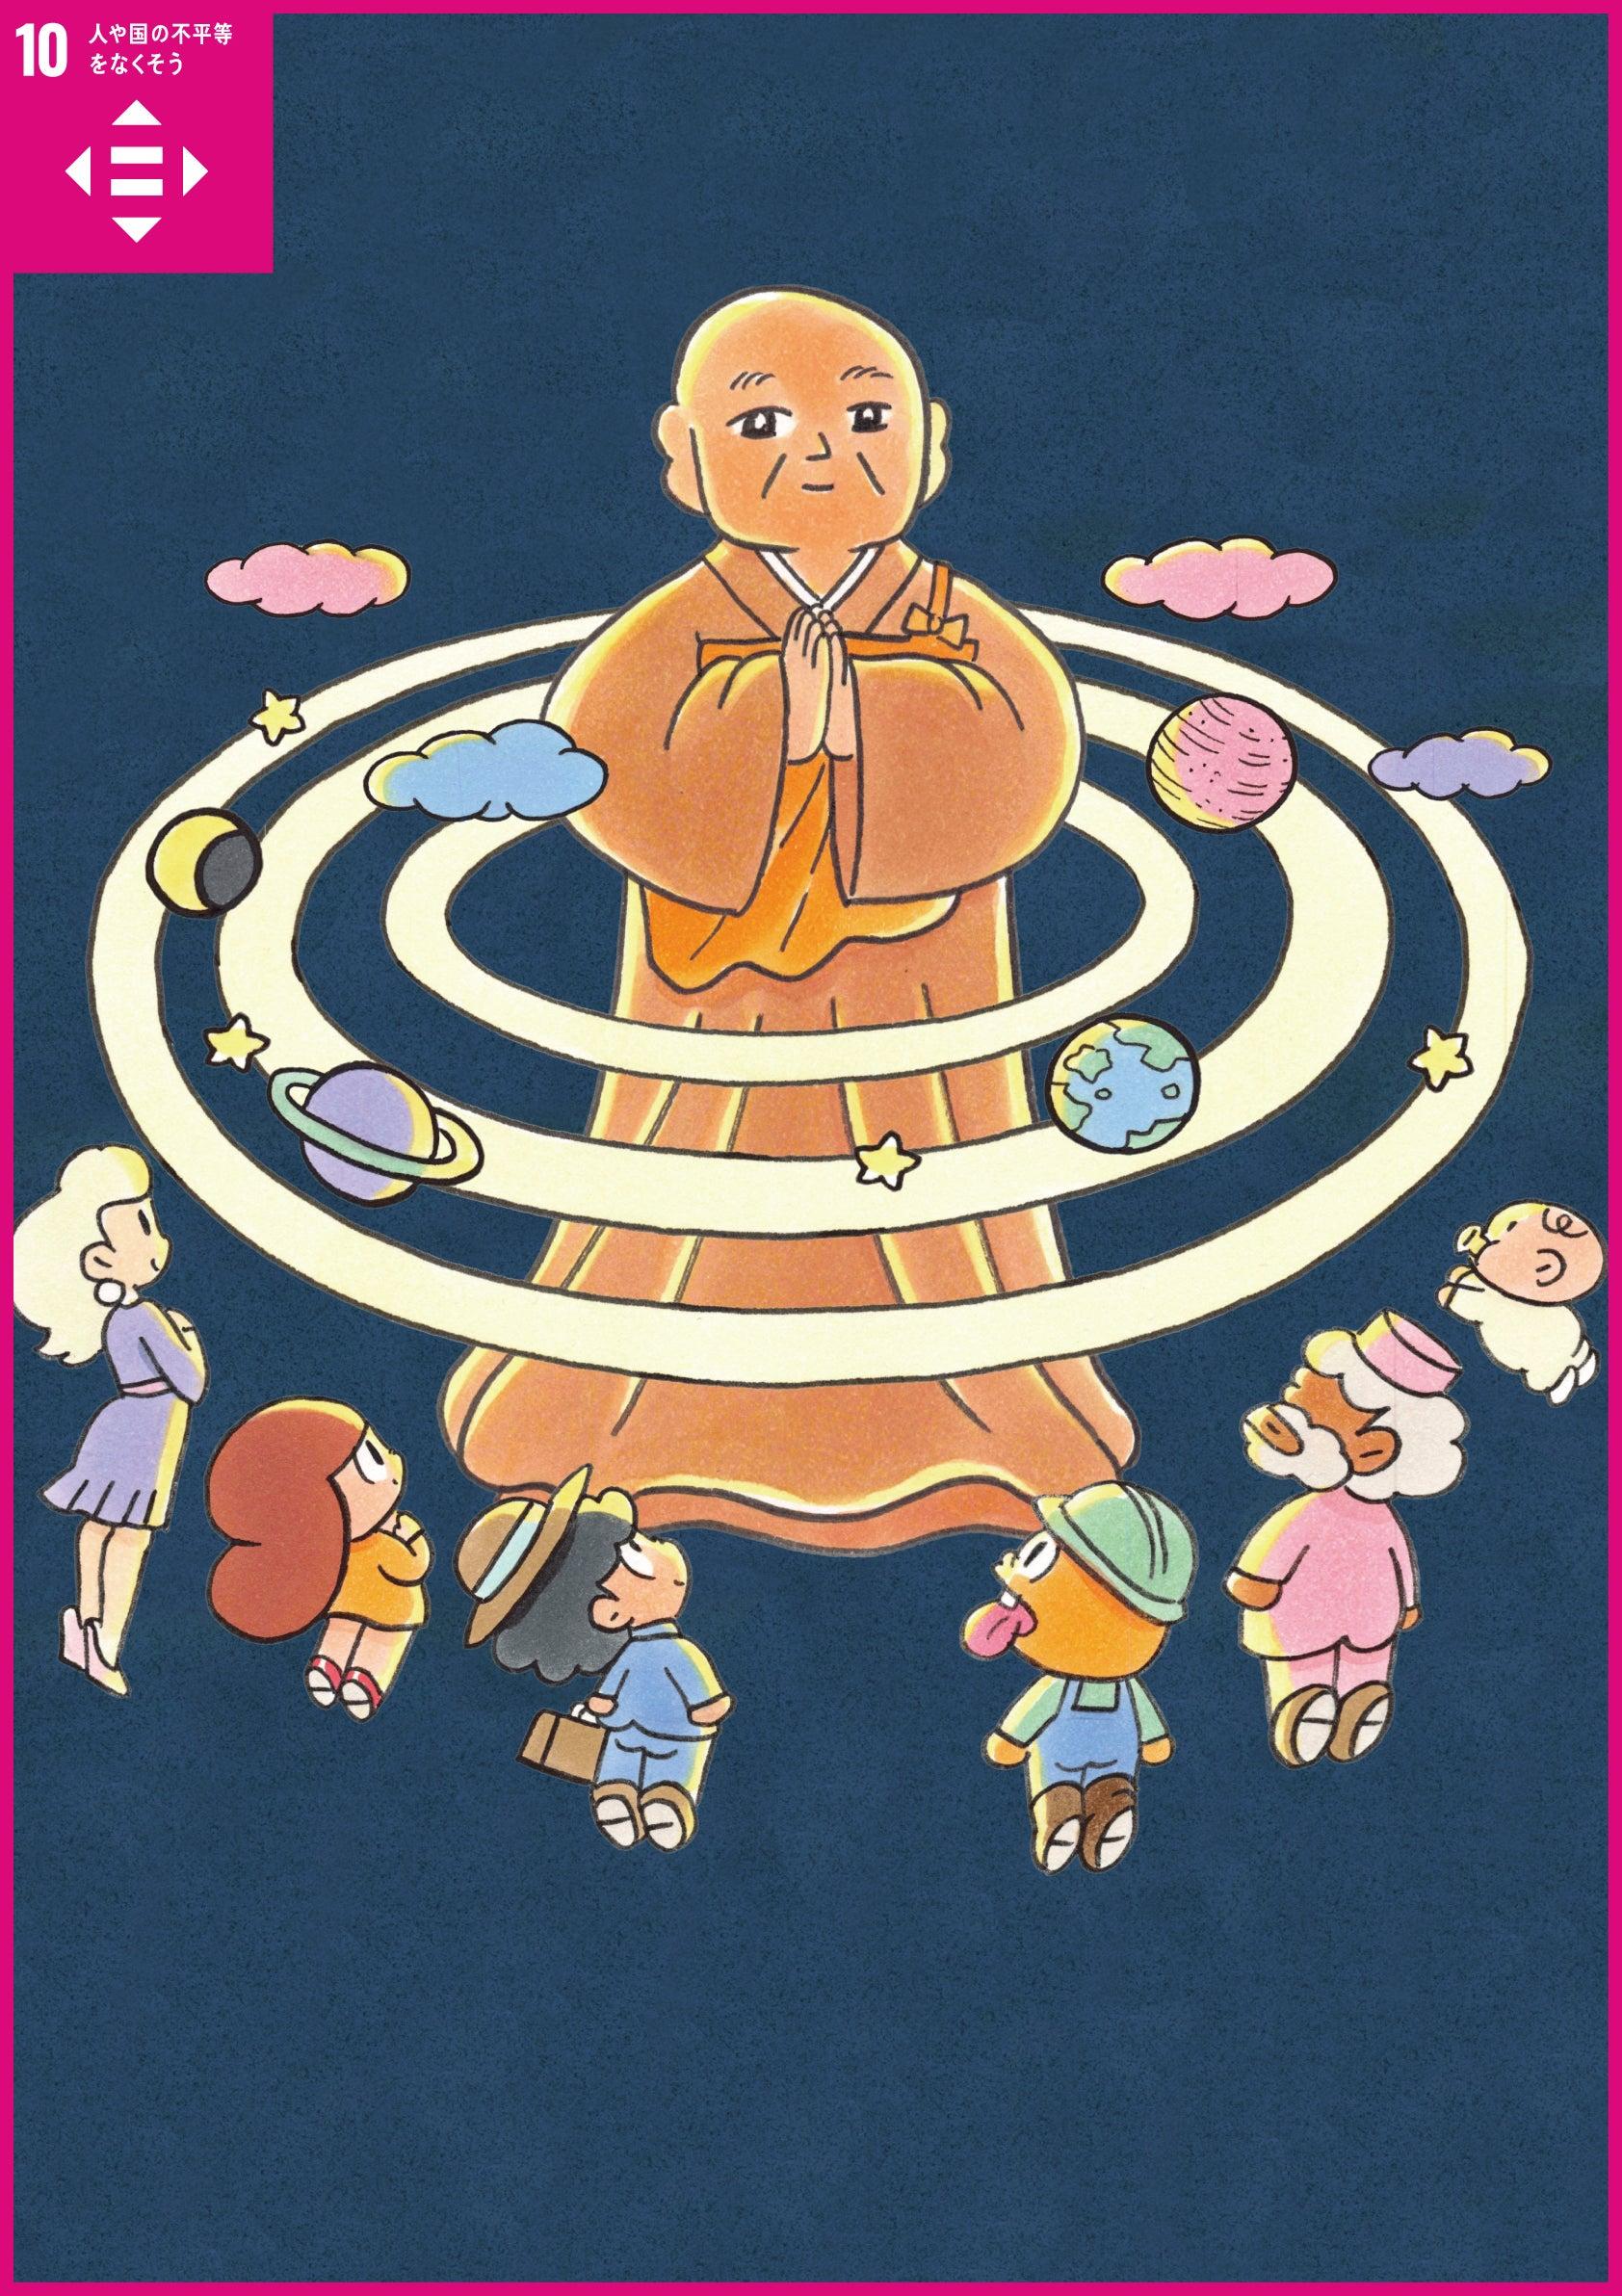 常不軽菩薩(じょうふきょうぼさつ)  迫害されてもなお、分け隔てなく人々に合掌礼拝し続けた(但行礼拝)菩薩。